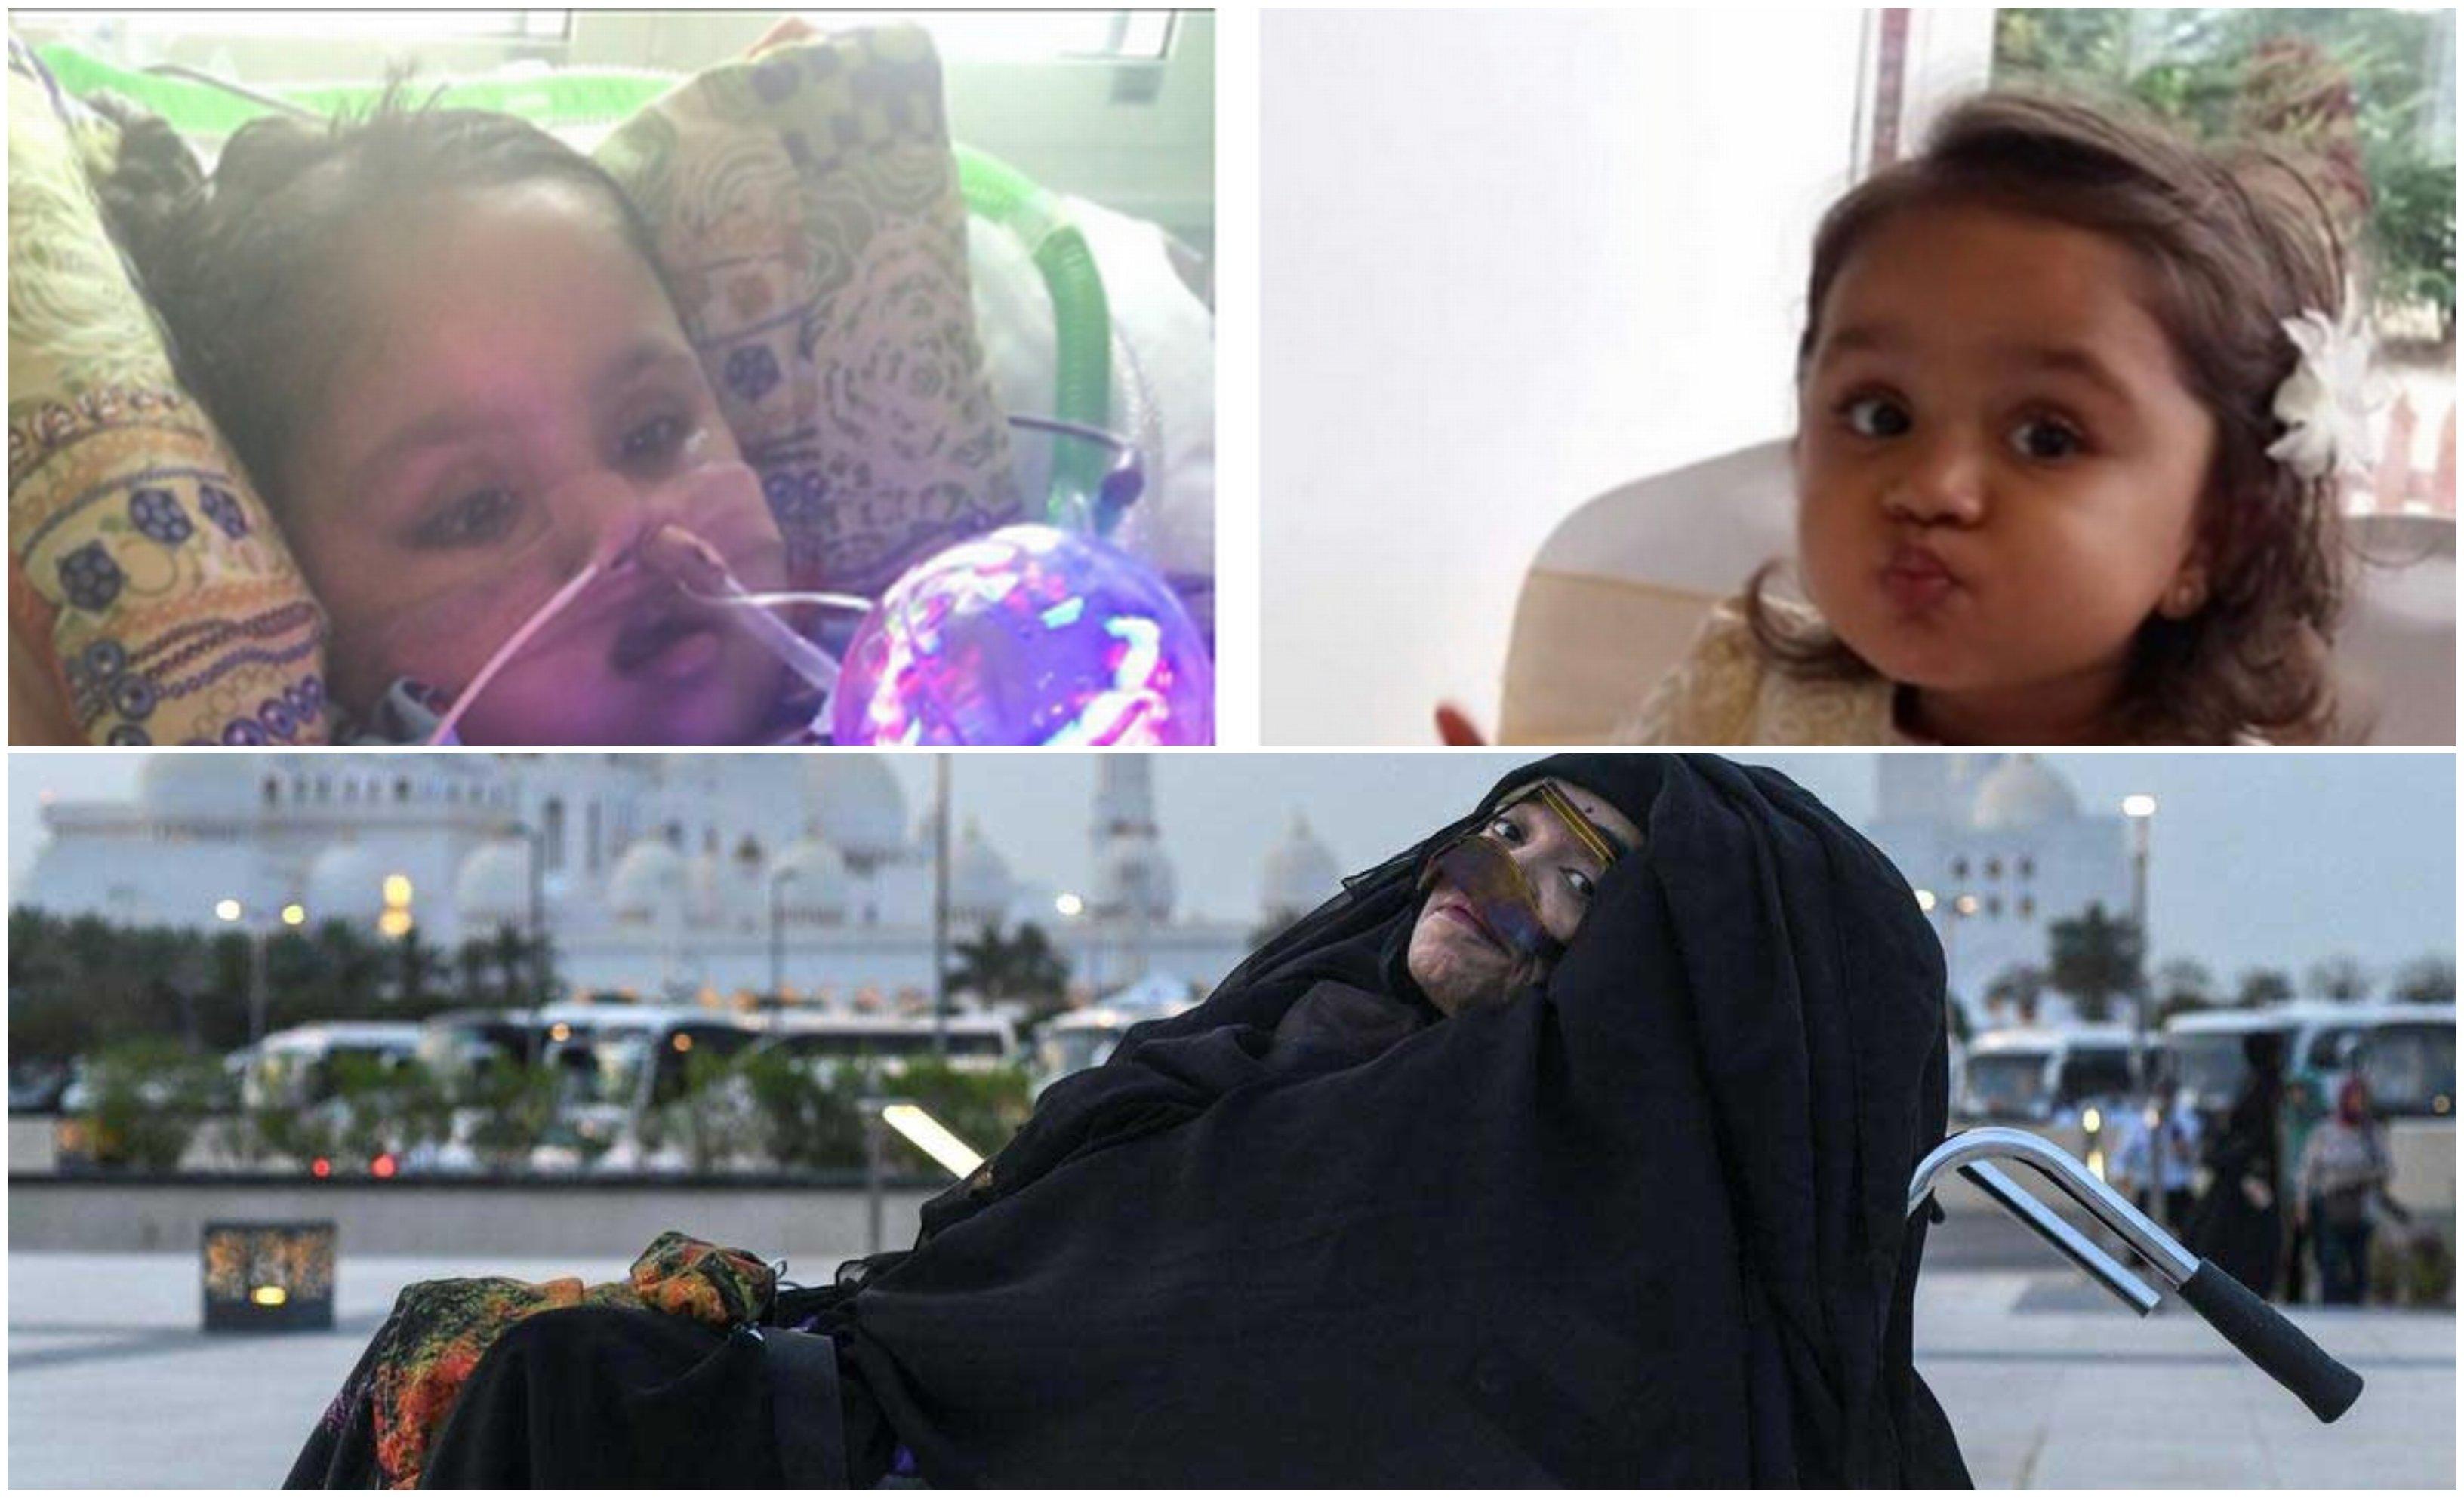 El caso de este niño es un argumento más en contra de la eutanasia, como el de la mujer de Abu Dabi que despertó tras 27 años en estado vegetativo, y otros casos similares.